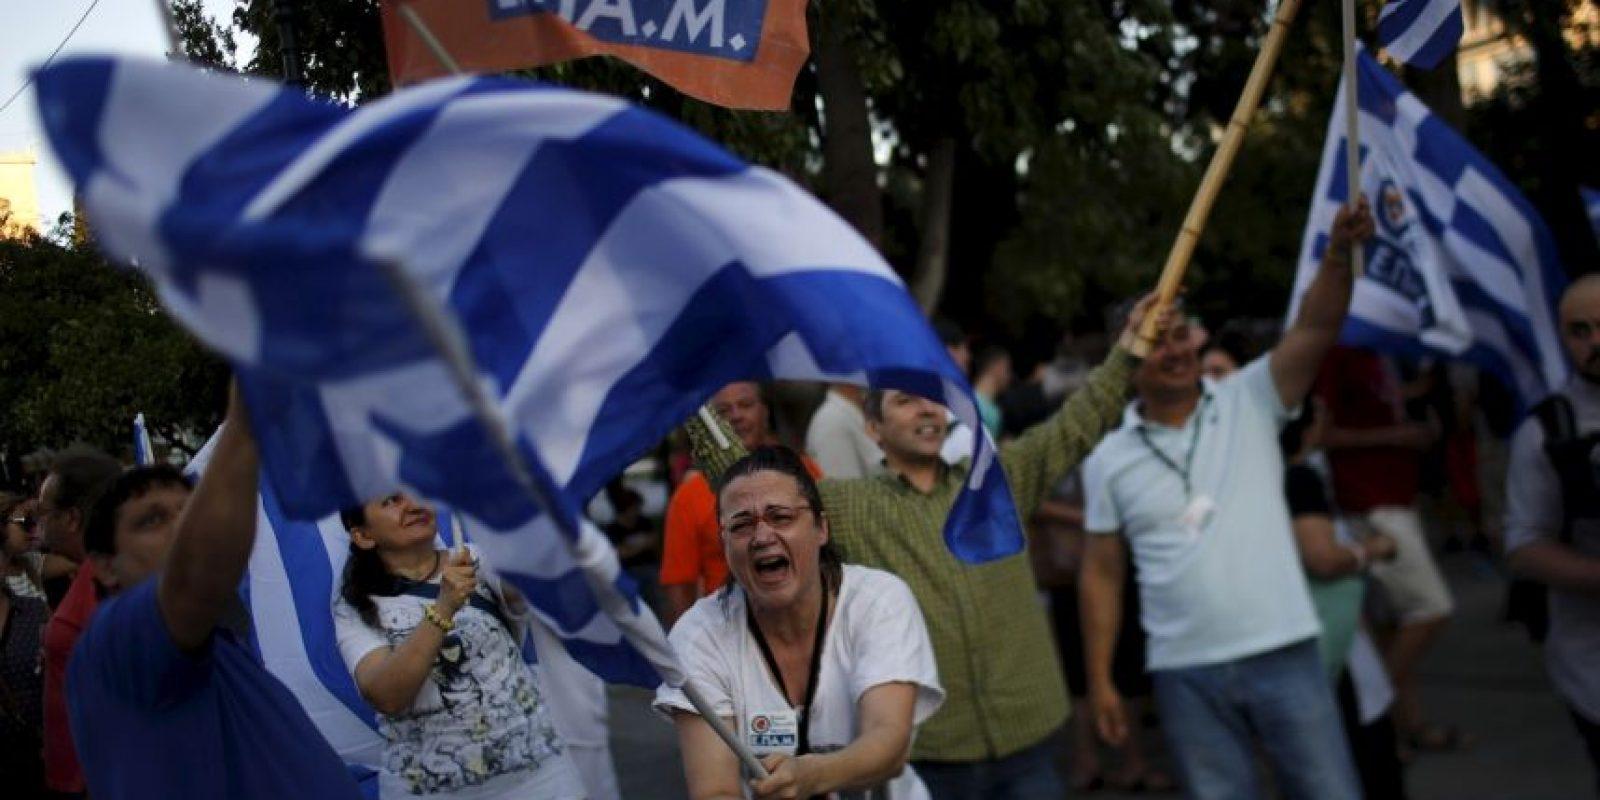 Grecia posiblemente abandonará la euro zona Foto:AP